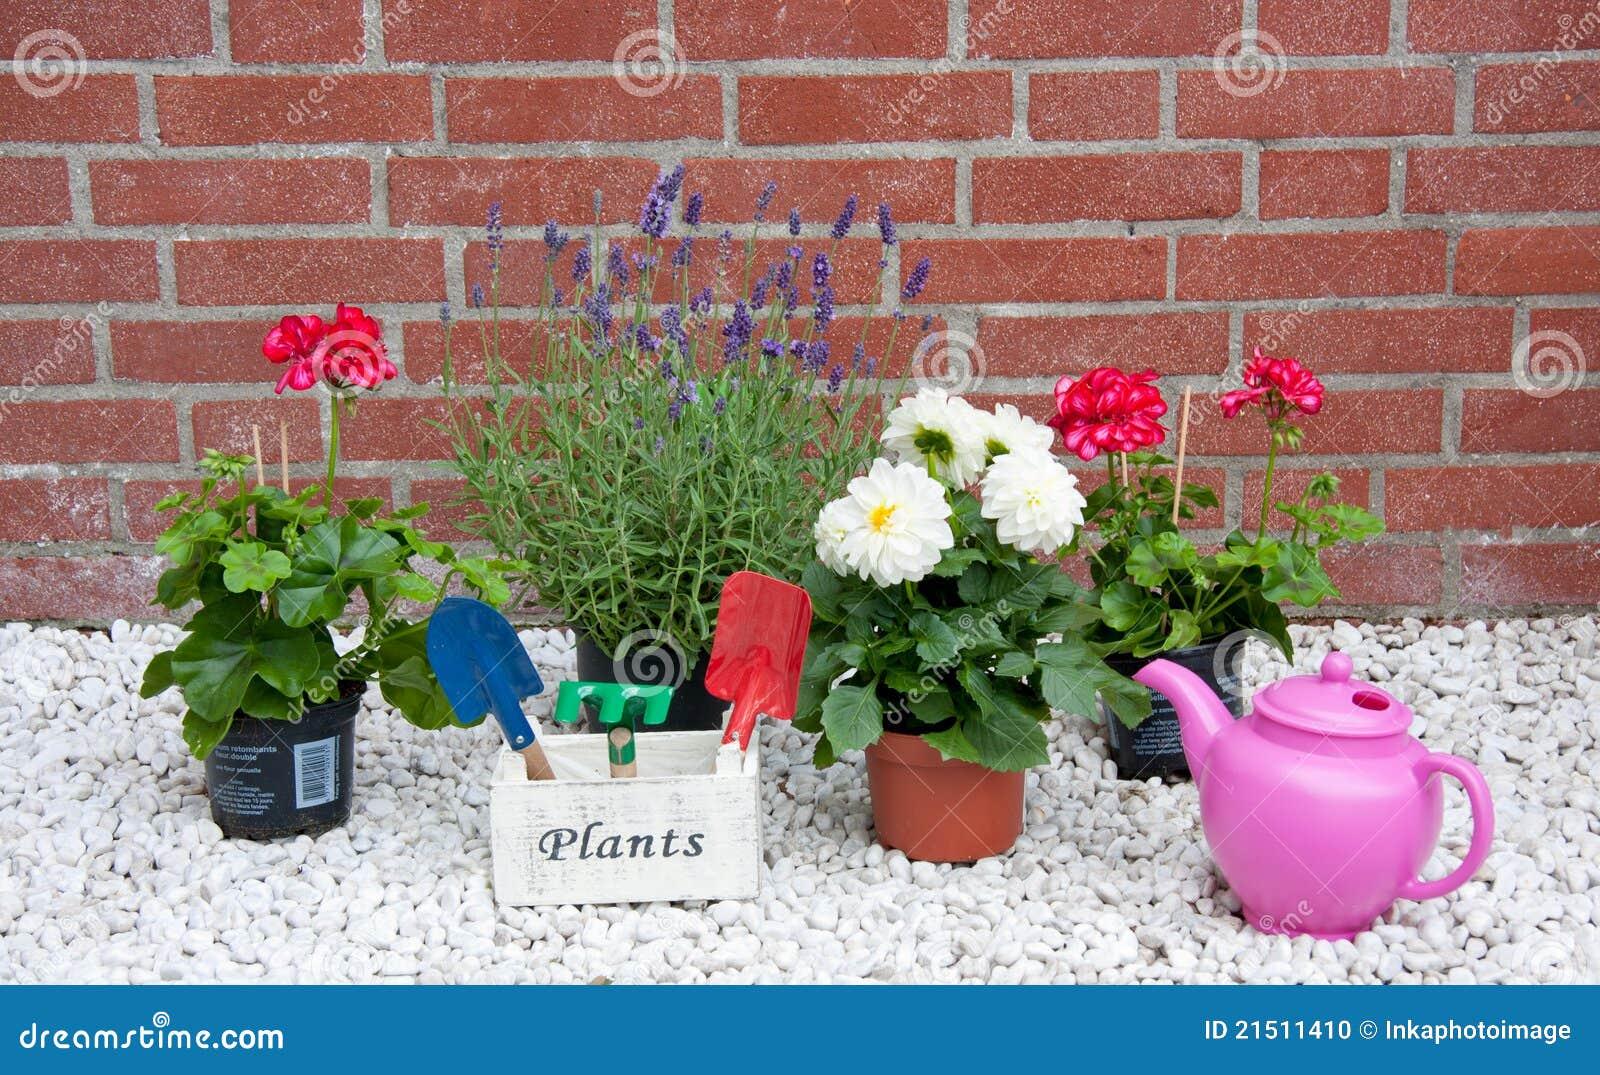 jardim flores e plantas:Plantas E Flores De Jardim Do Verão Foto de Stock – Imagem: 21511410